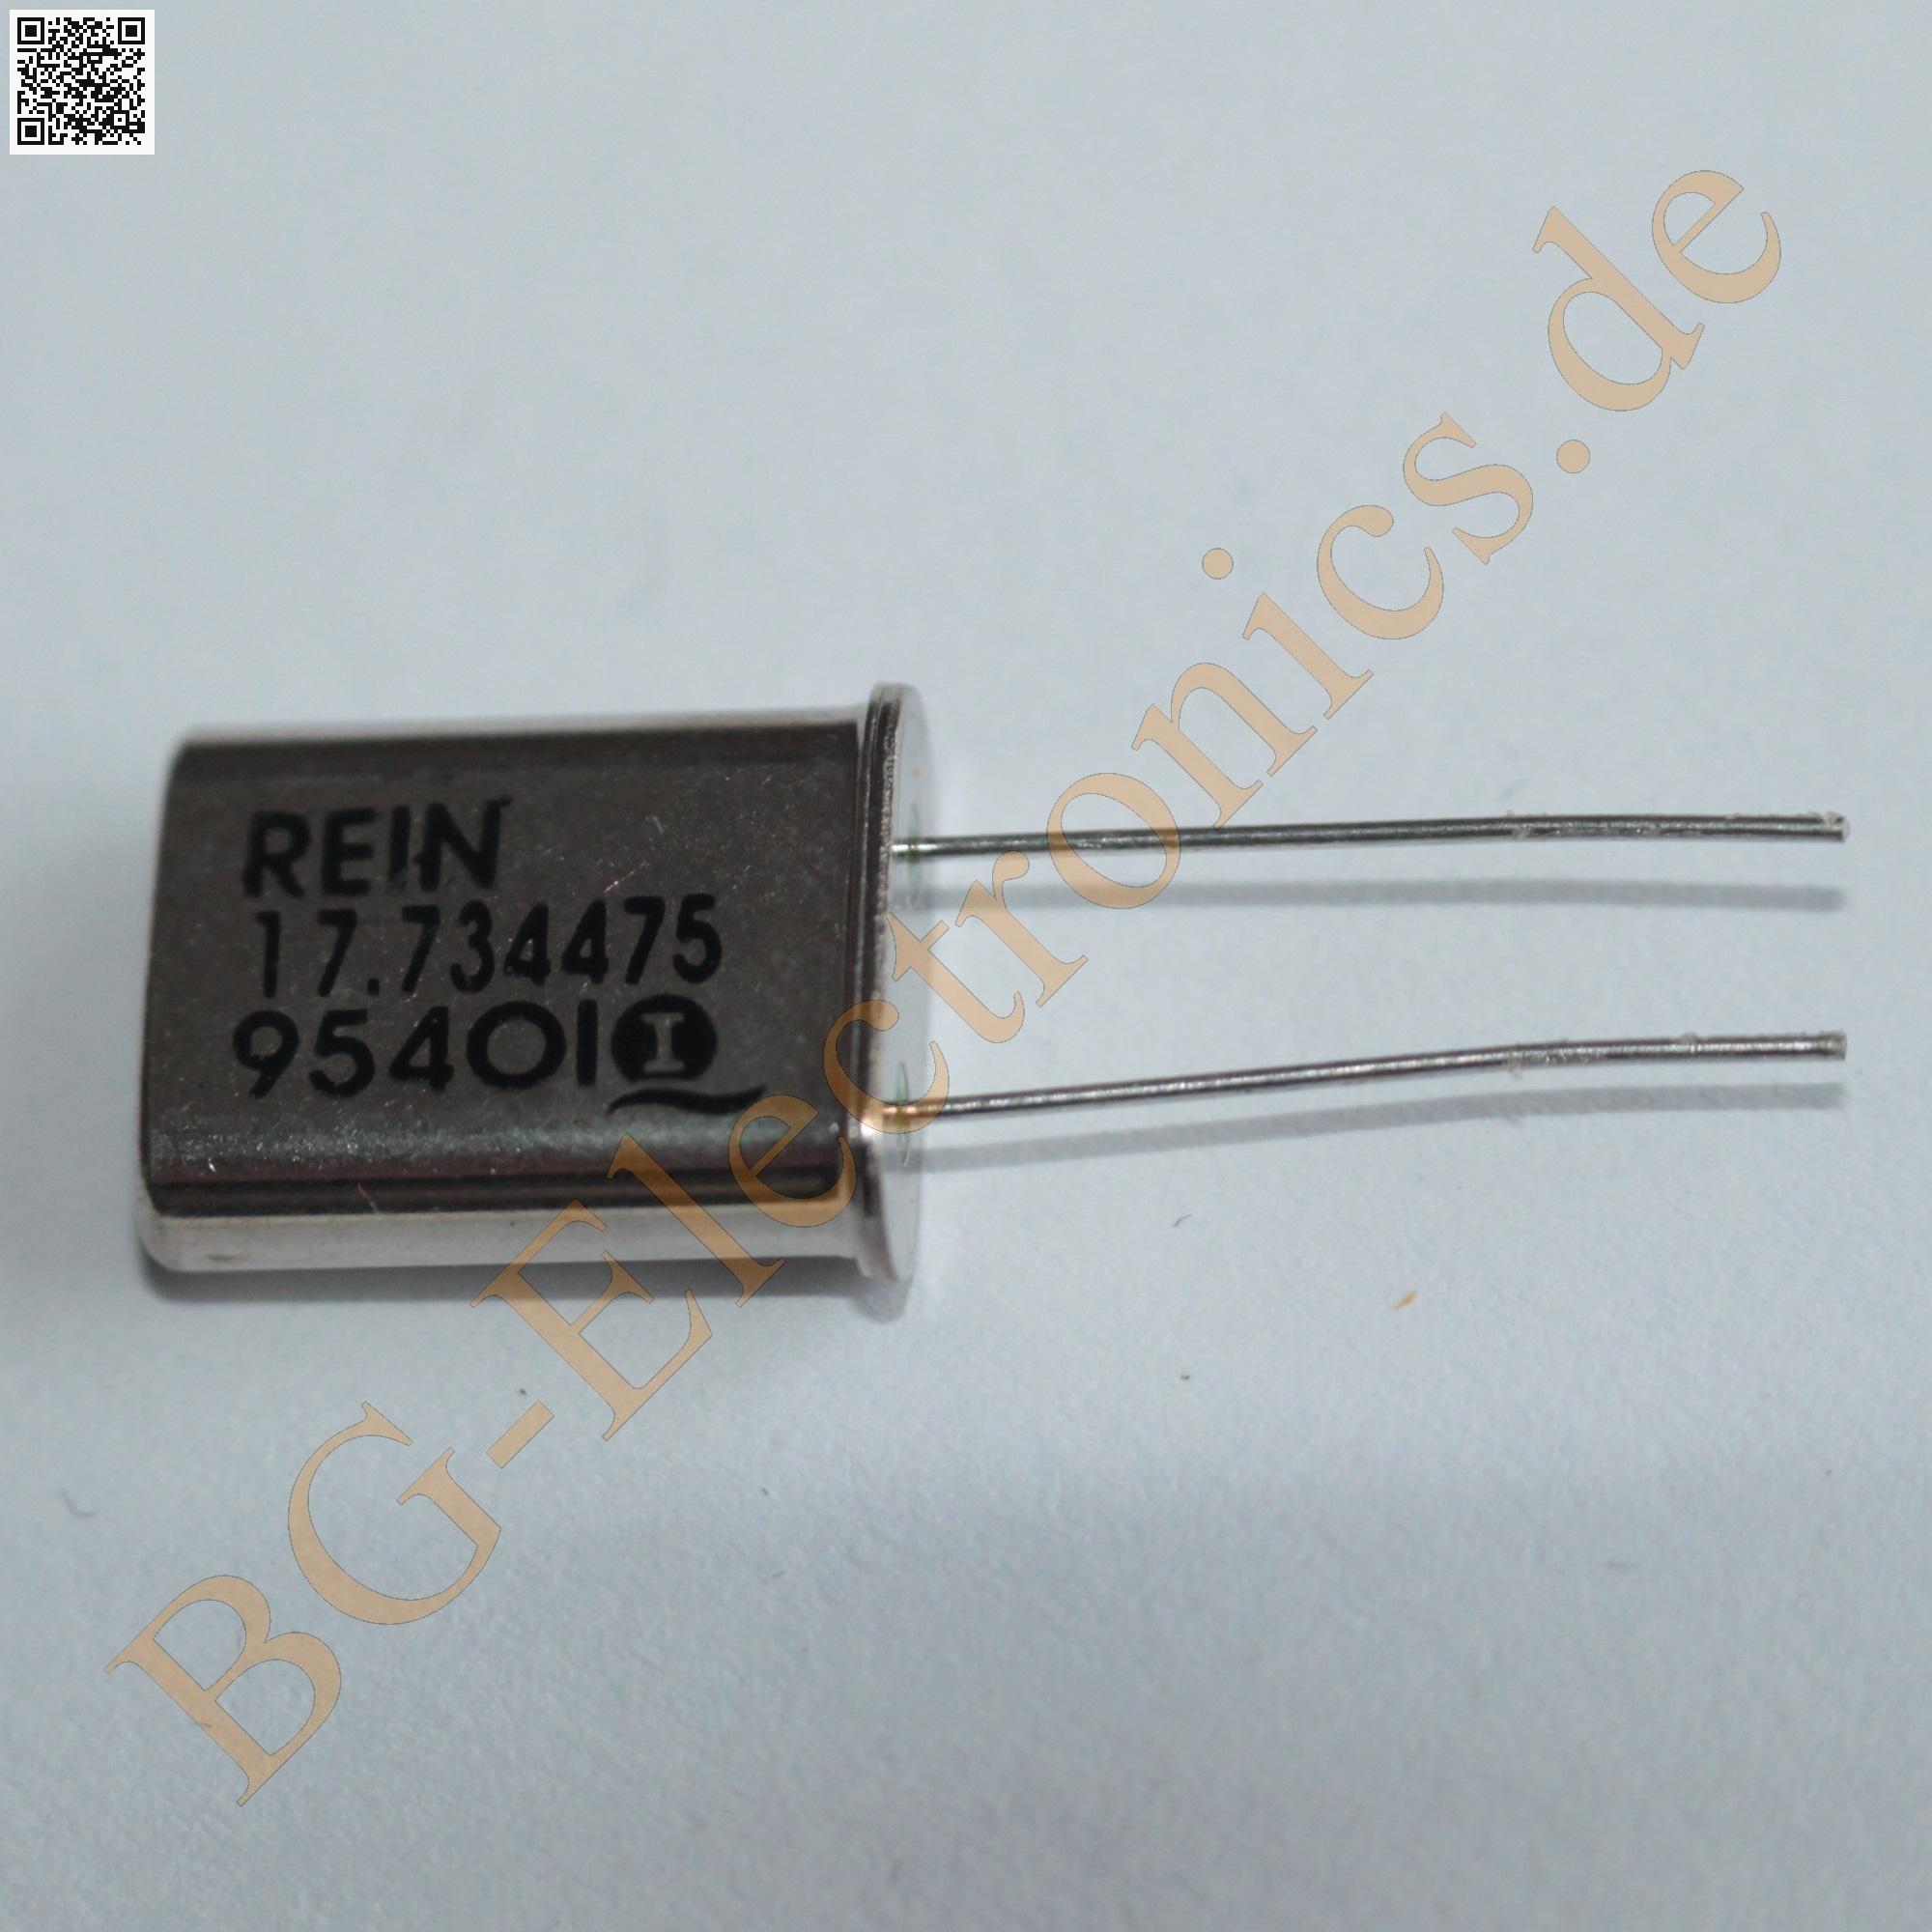 Quarz 8.867238 MHz HC49/U, BG-ELECTRONICS Quarz 8.867238 MHz